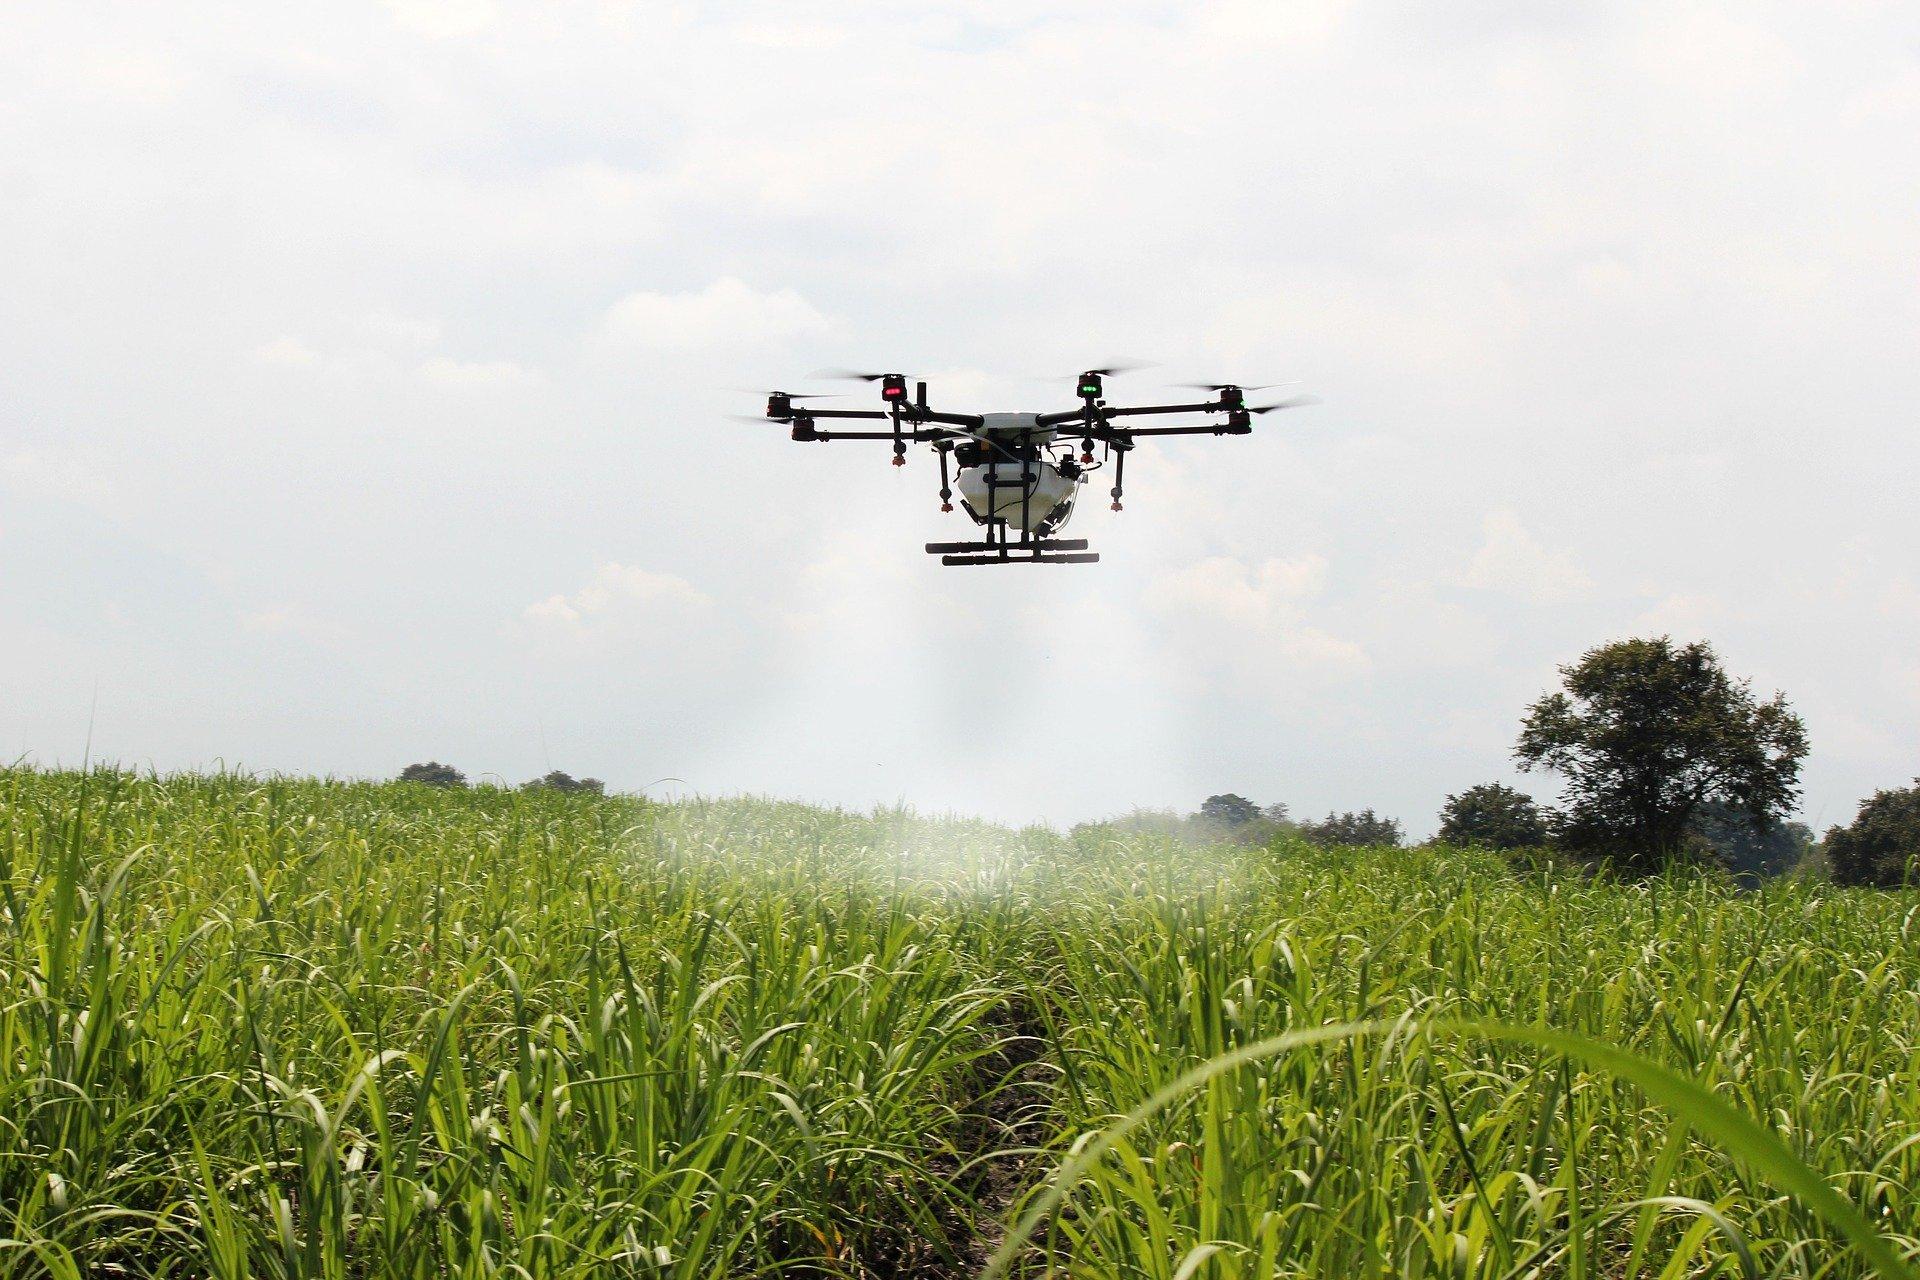 Aplicação de defensivos biológicos por drones é alternativa para controle de pragas